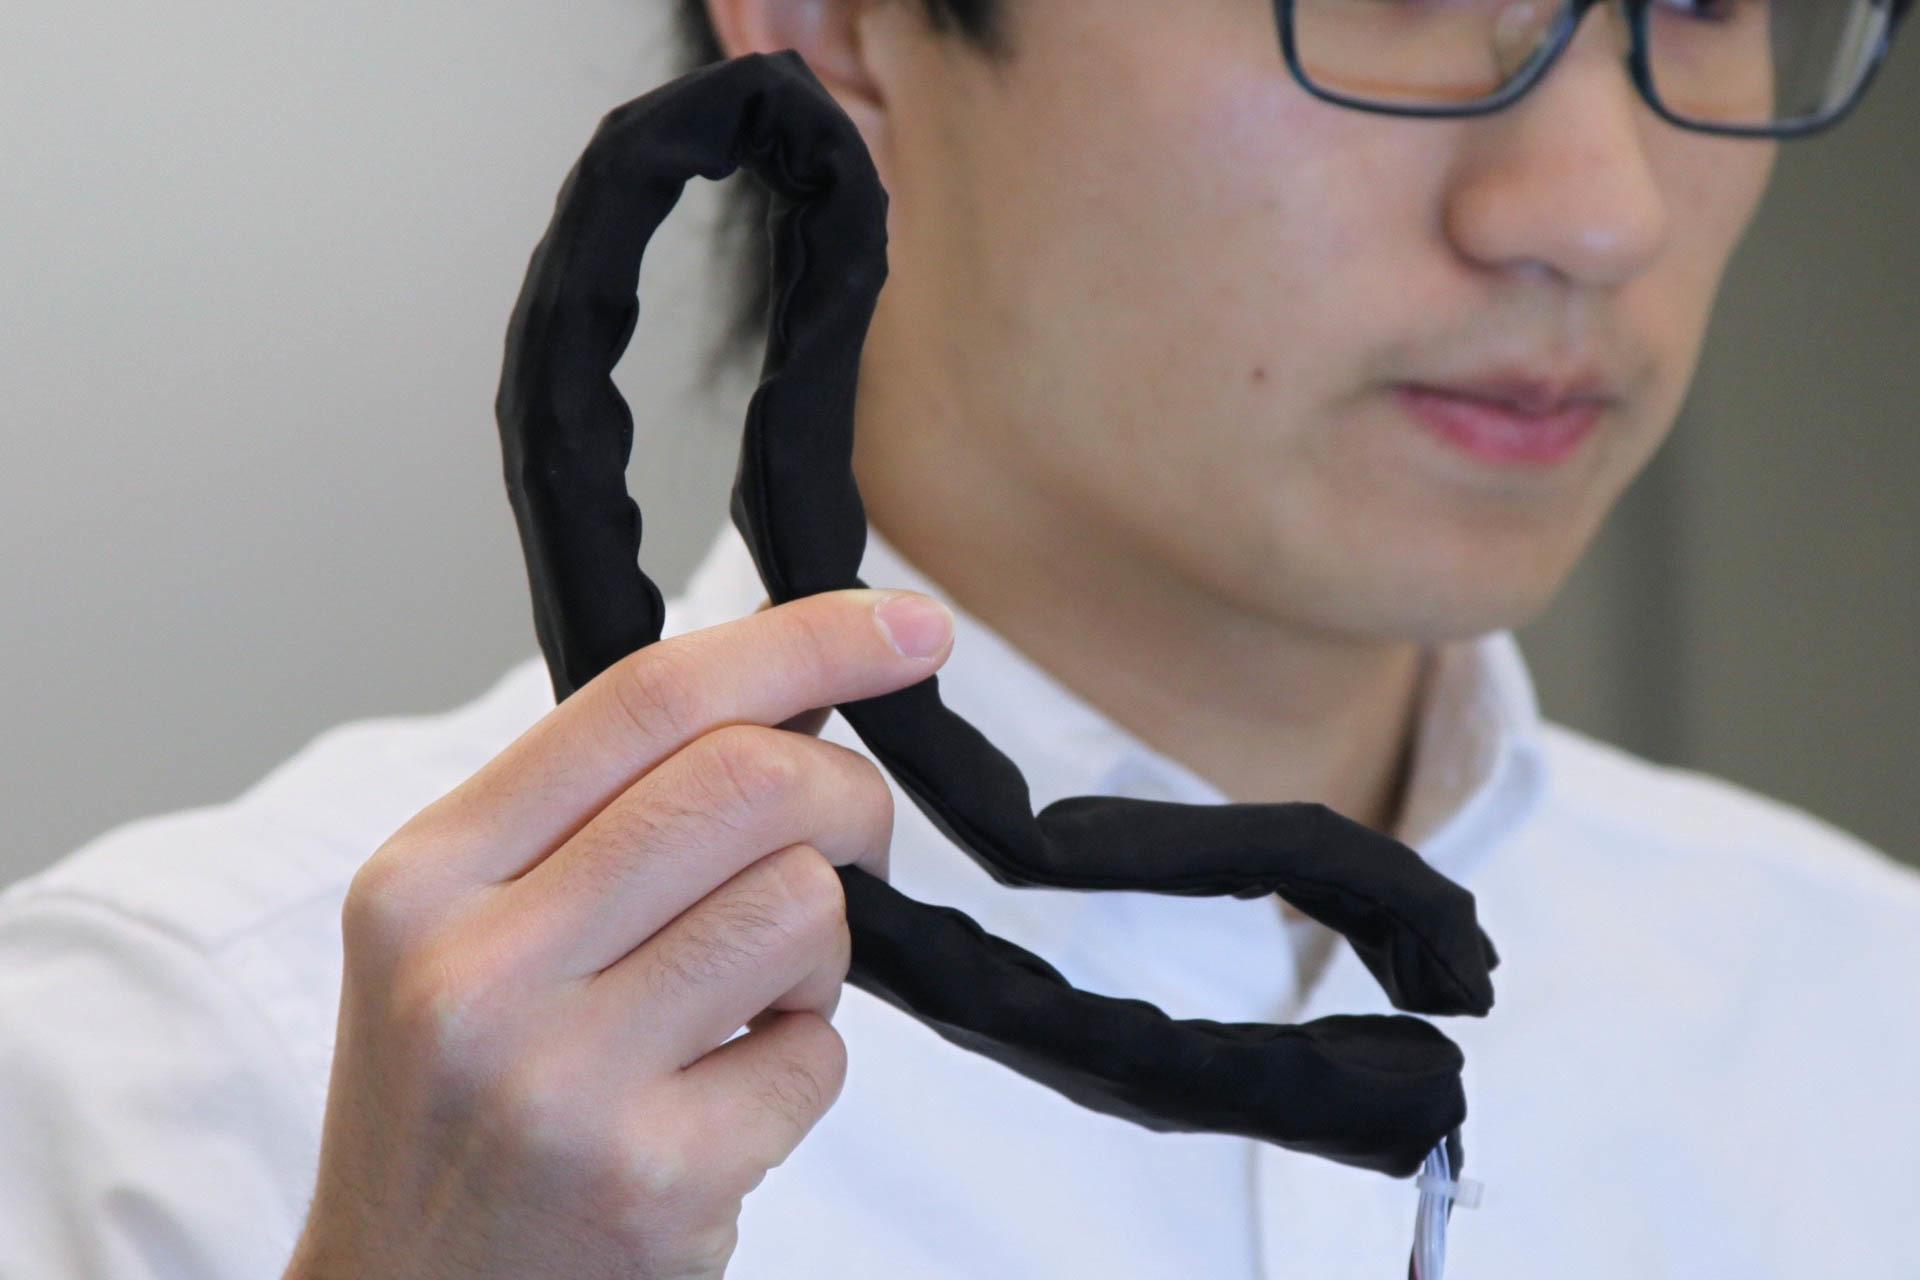 Робот-змея от МТИ как эксперимент физического интерфейса будущего - 5